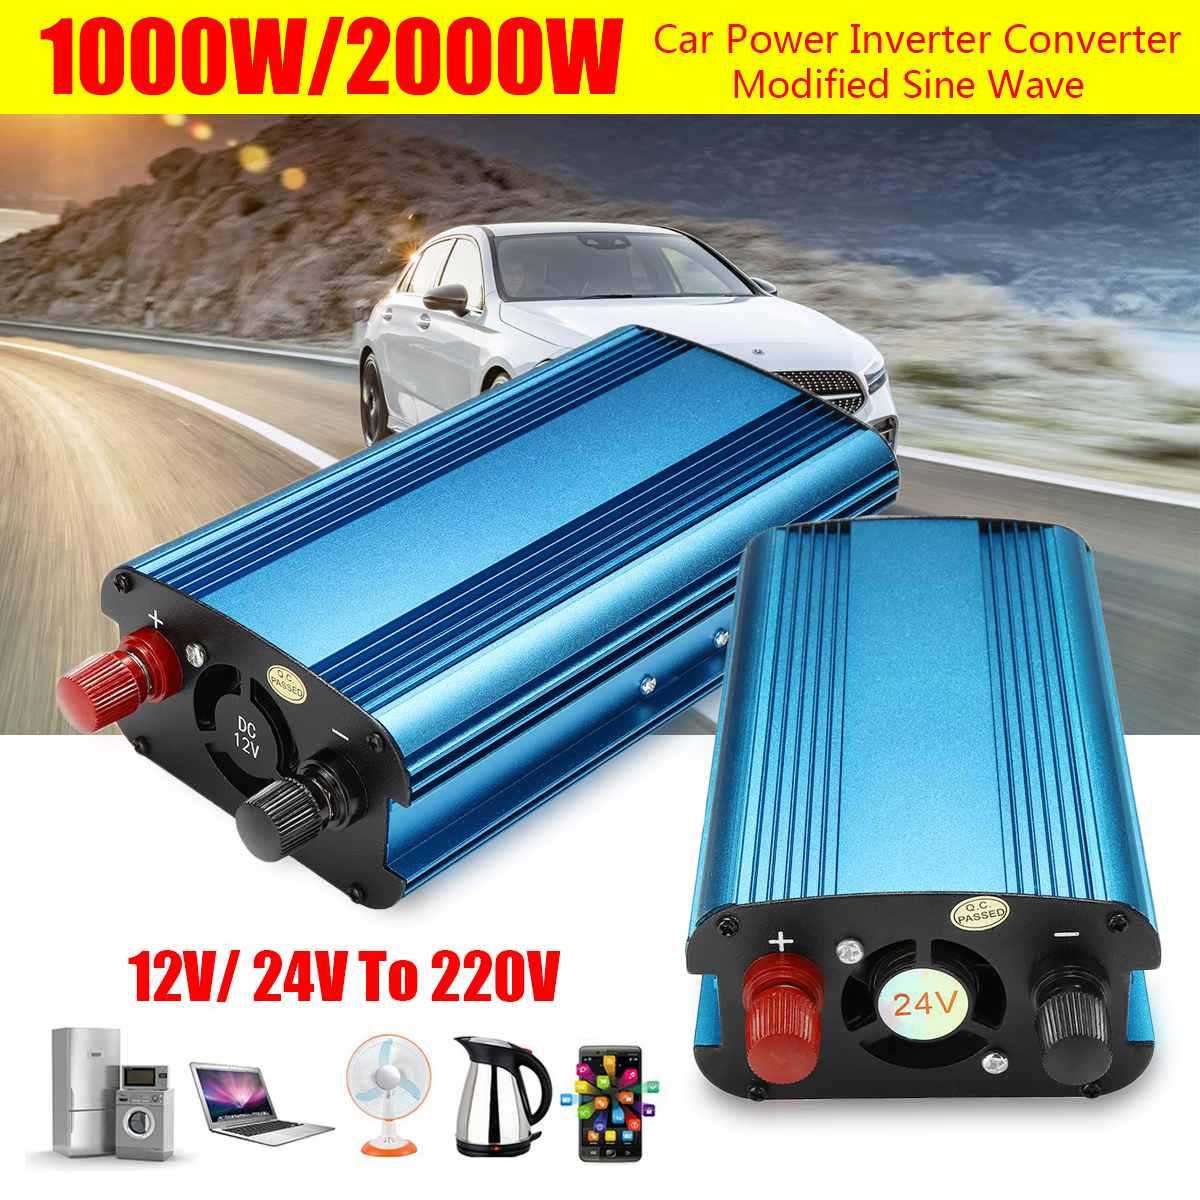 P EAK 2000/1000W Car Power Solar  Inverters Converter DC 12V/24V to AC 220V Charger LED Modified Sine Wave Voltage TransformerP EAK 2000/1000W Car Power Solar  Inverters Converter DC 12V/24V to AC 220V Charger LED Modified Sine Wave Voltage Transformer